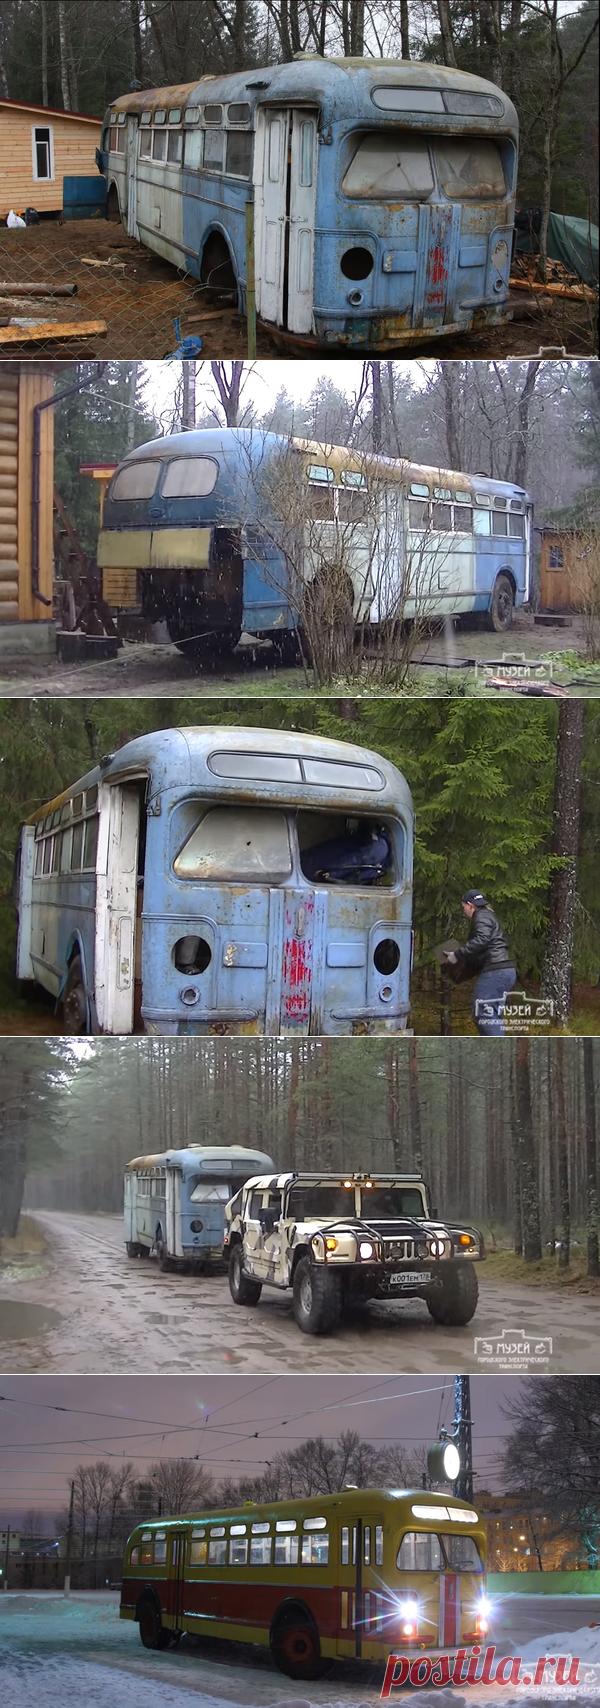 Спасение редкого автобуса ЗиС-154 от неминуемой гибели | Старый Гараж | Яндекс Дзен